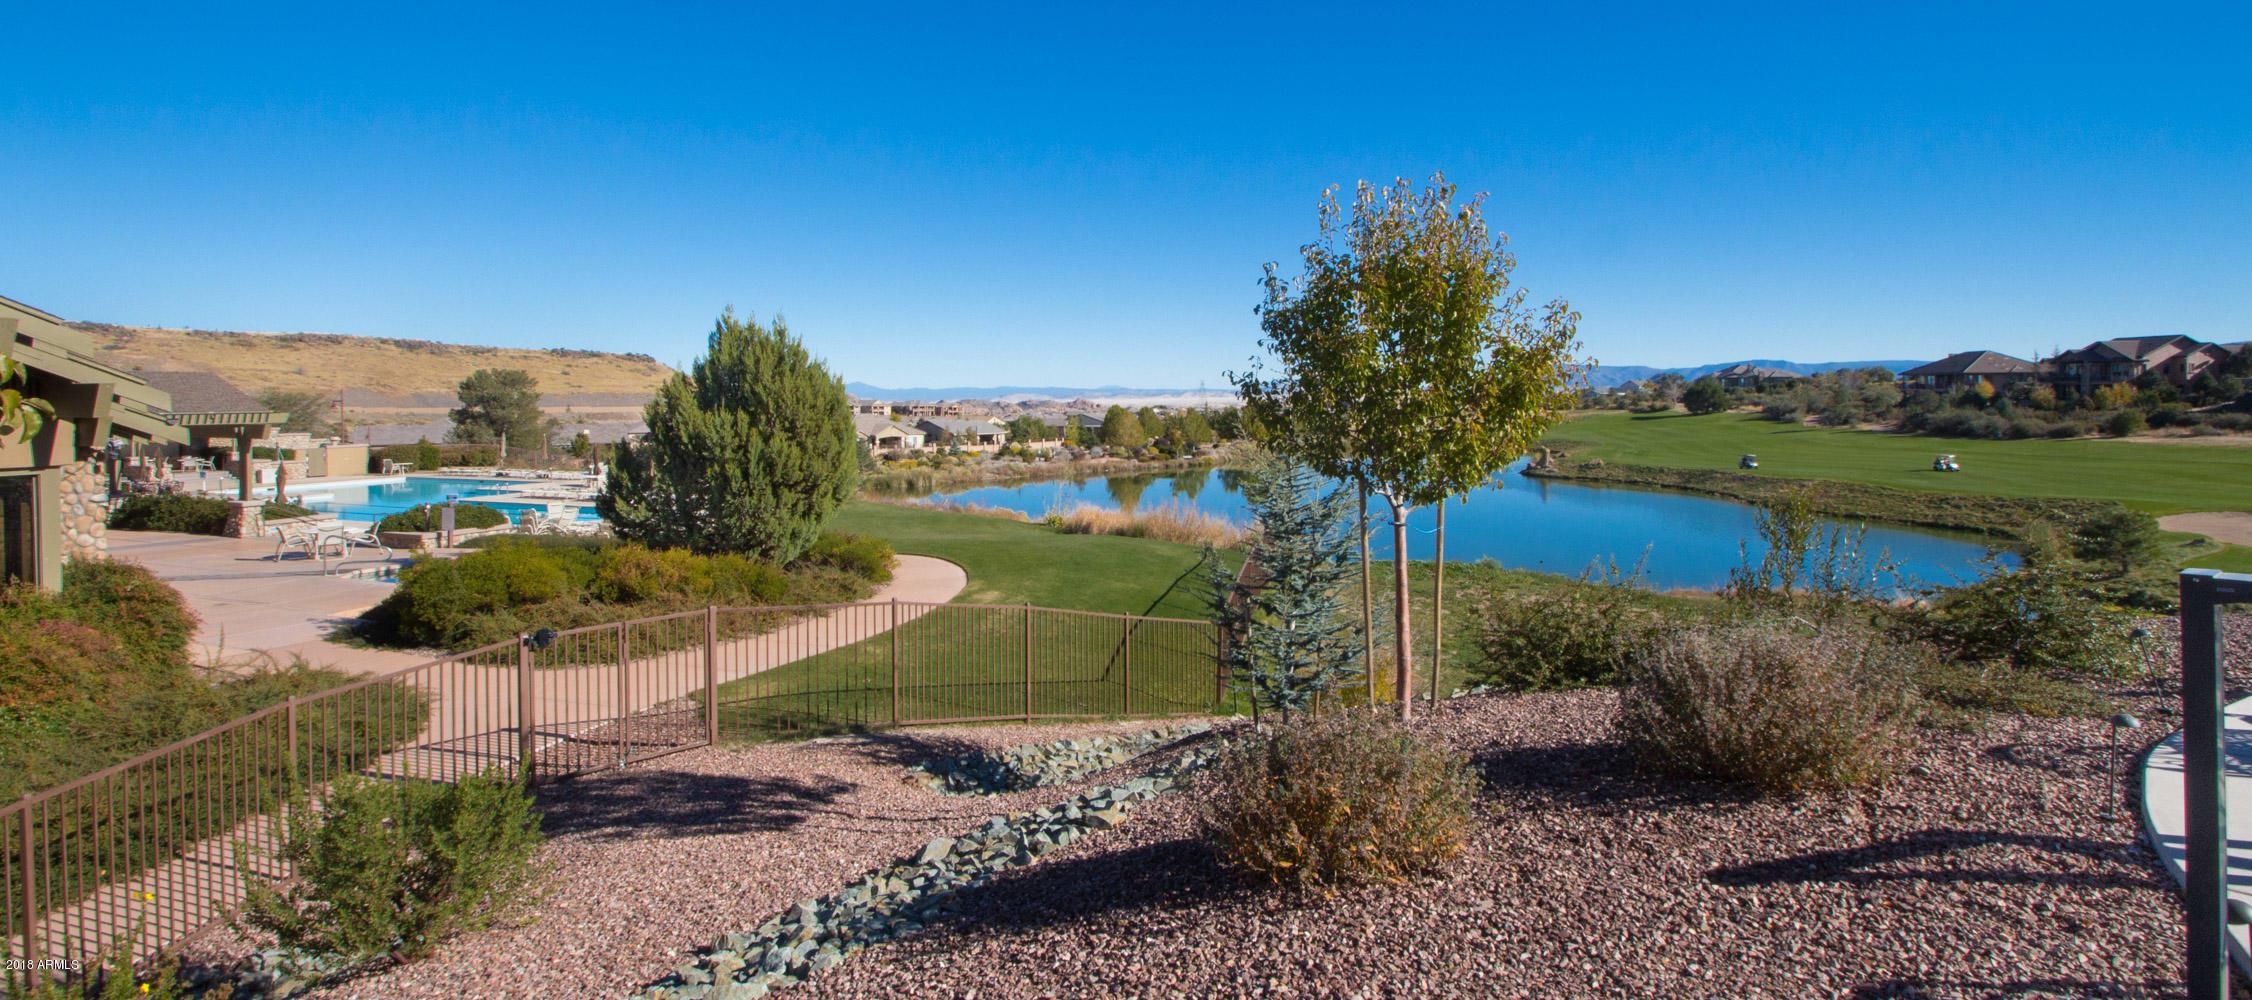 MLS 5777216 1430 KWANA Court, Prescott, AZ Prescott AZ Scenic